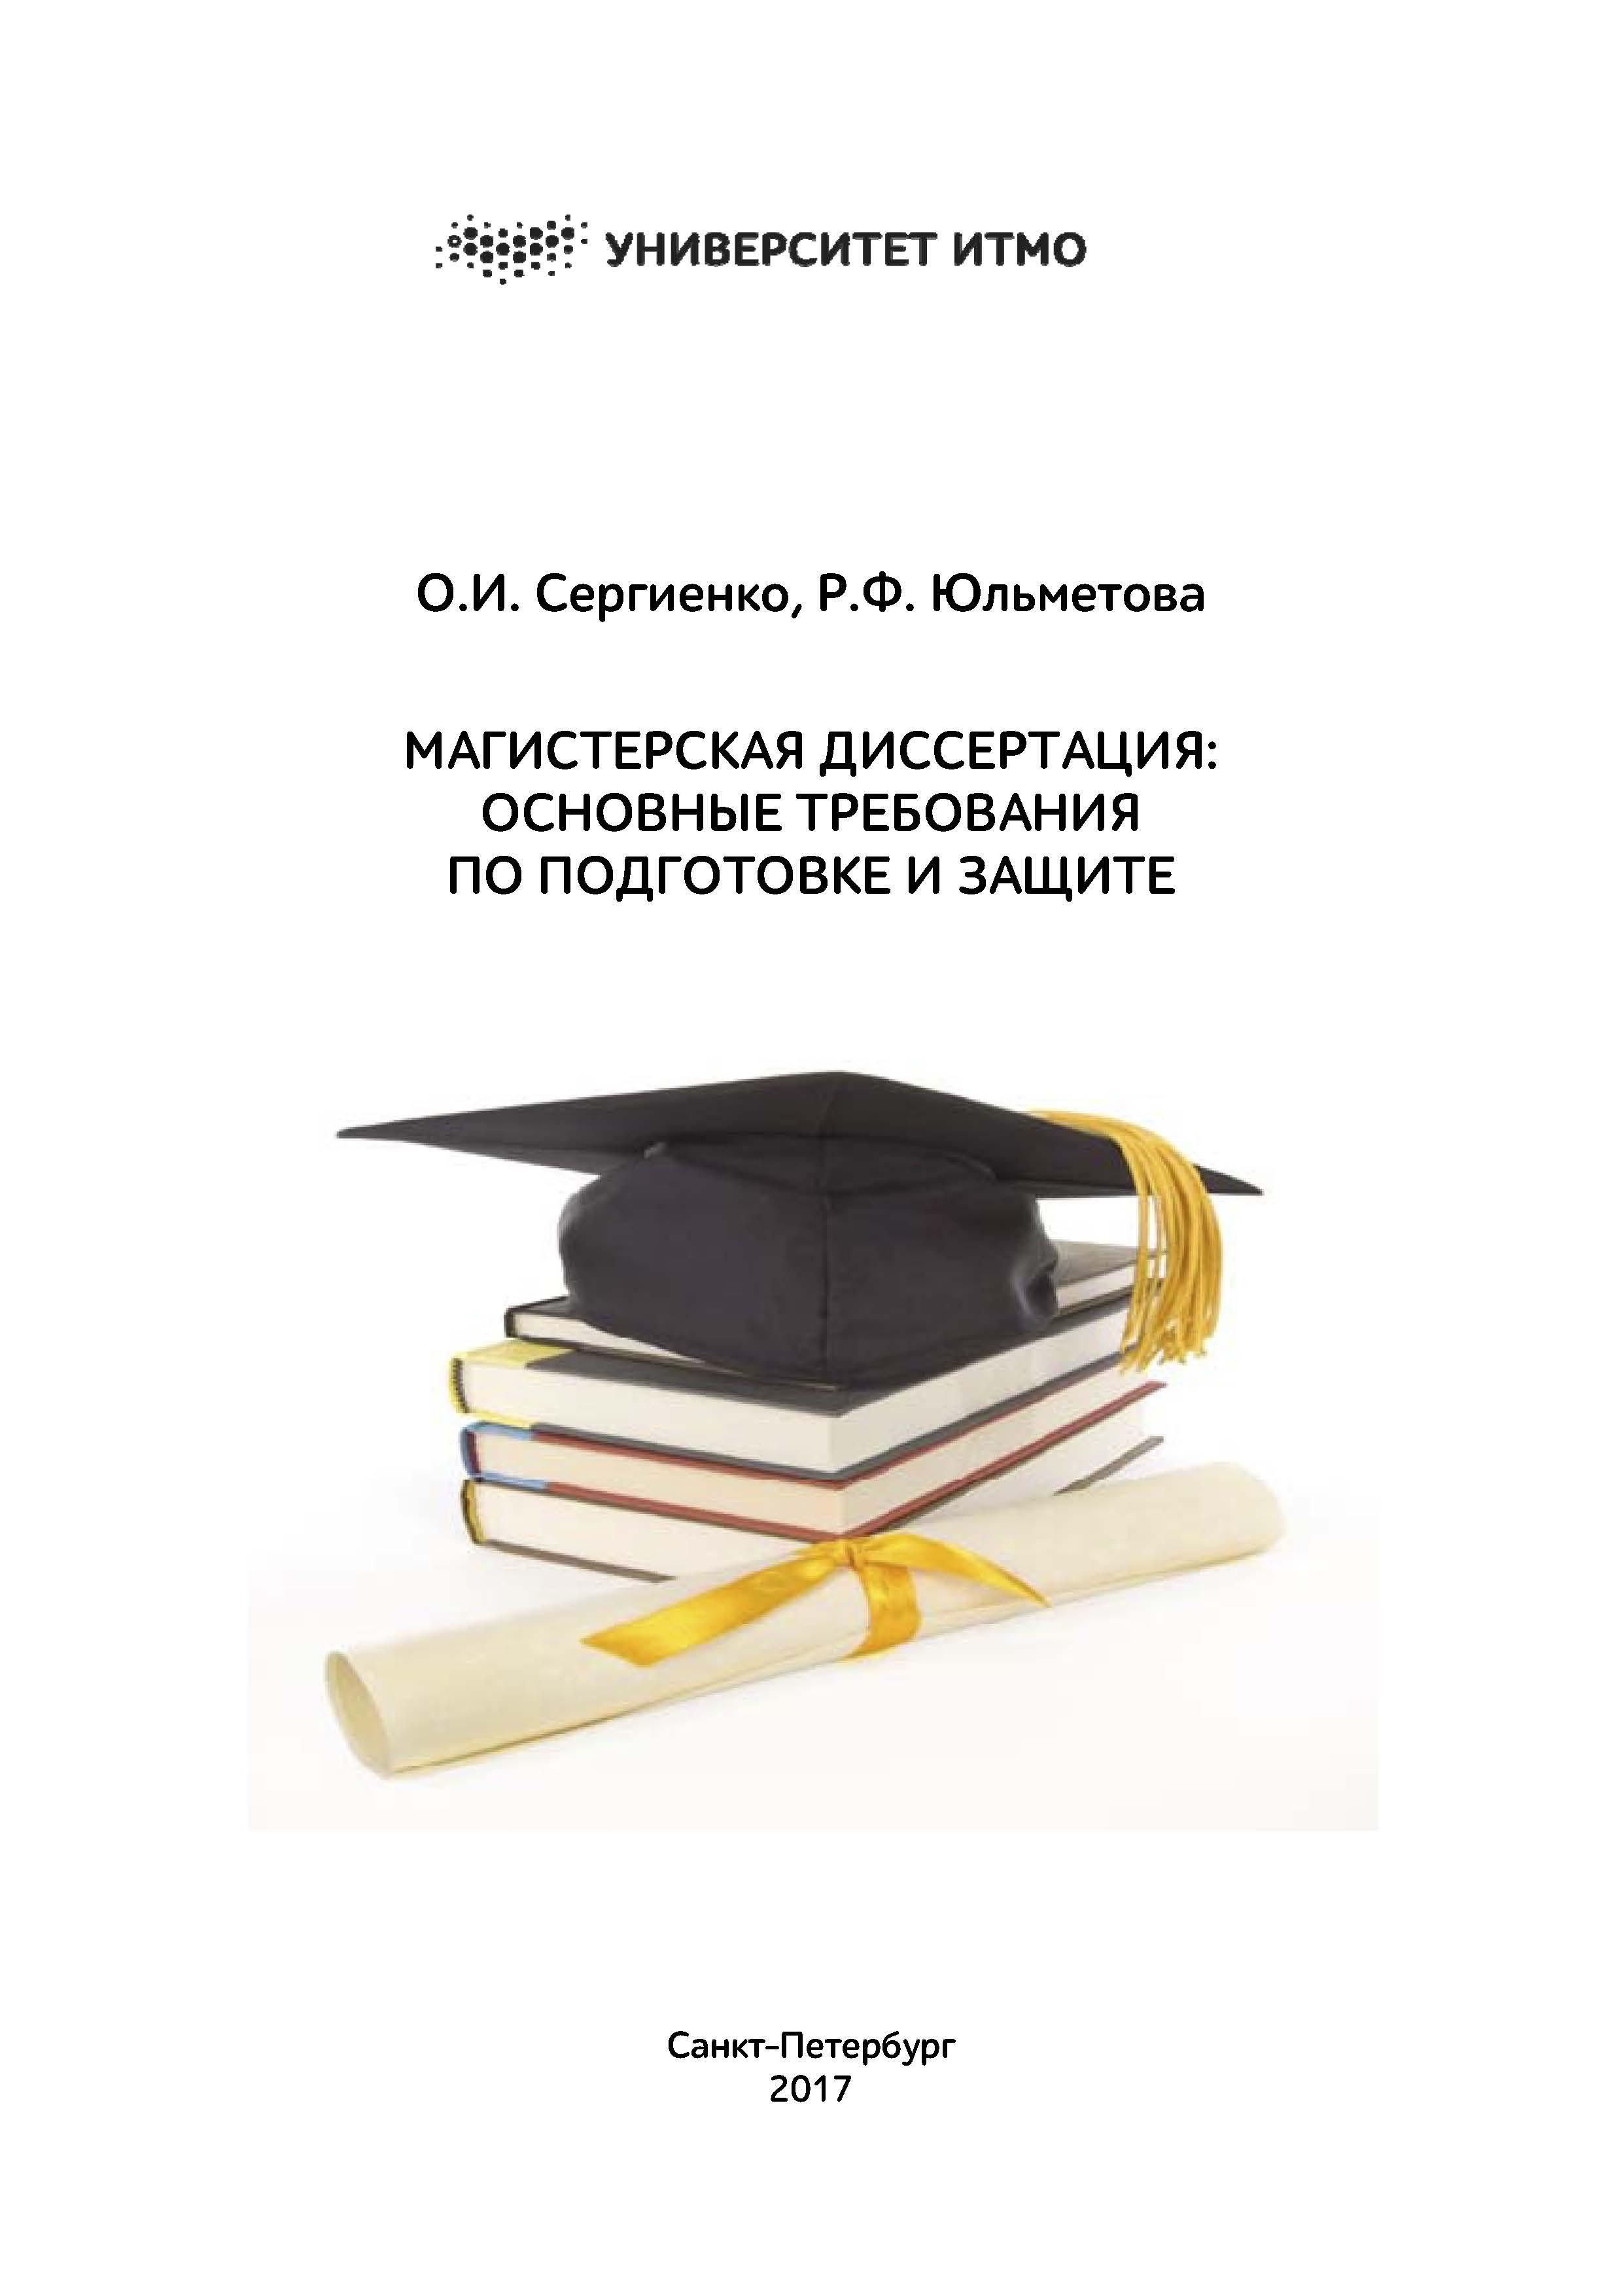 Магистерская диссертация основные требования по подготовке и  Магистерская диссертация основные требования по подготовке и защите